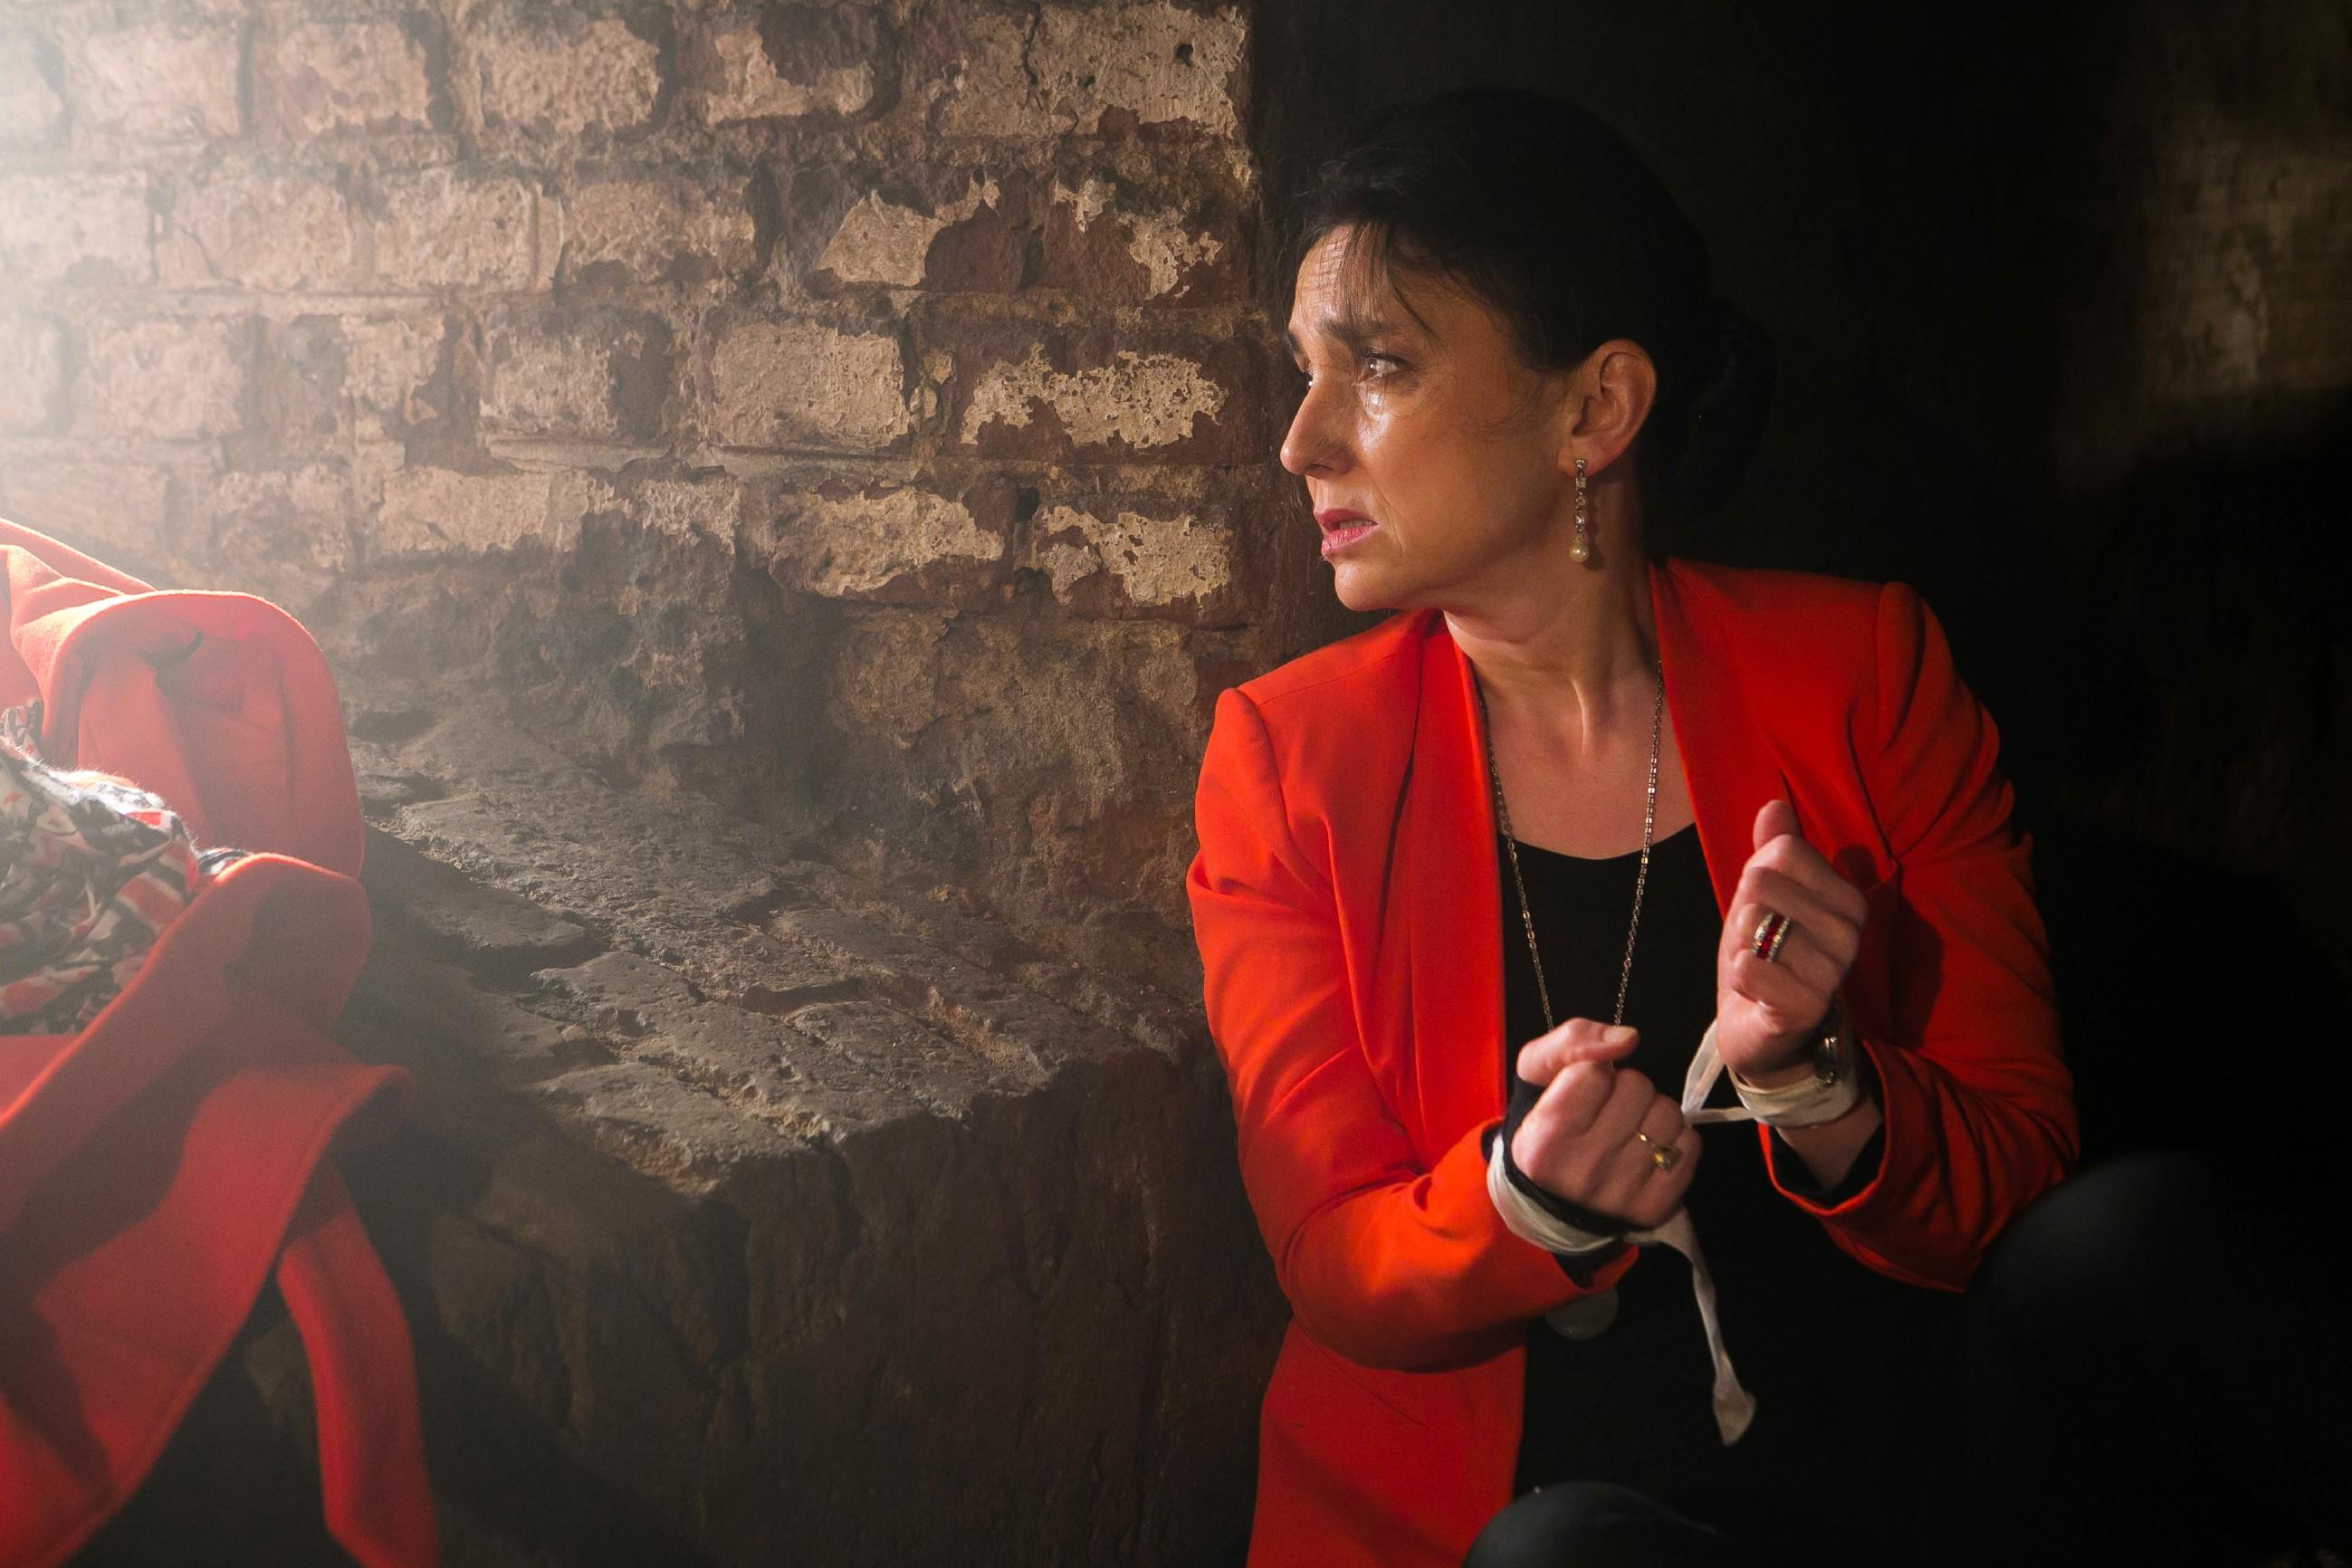 Als Kerber sich auf den Weg zum Übergabeort macht, will Simone (Tatjana Clasing) die Gelegenheit nutzen, um sich zu befreien. (Quelle: RTL / Kai Schulz)